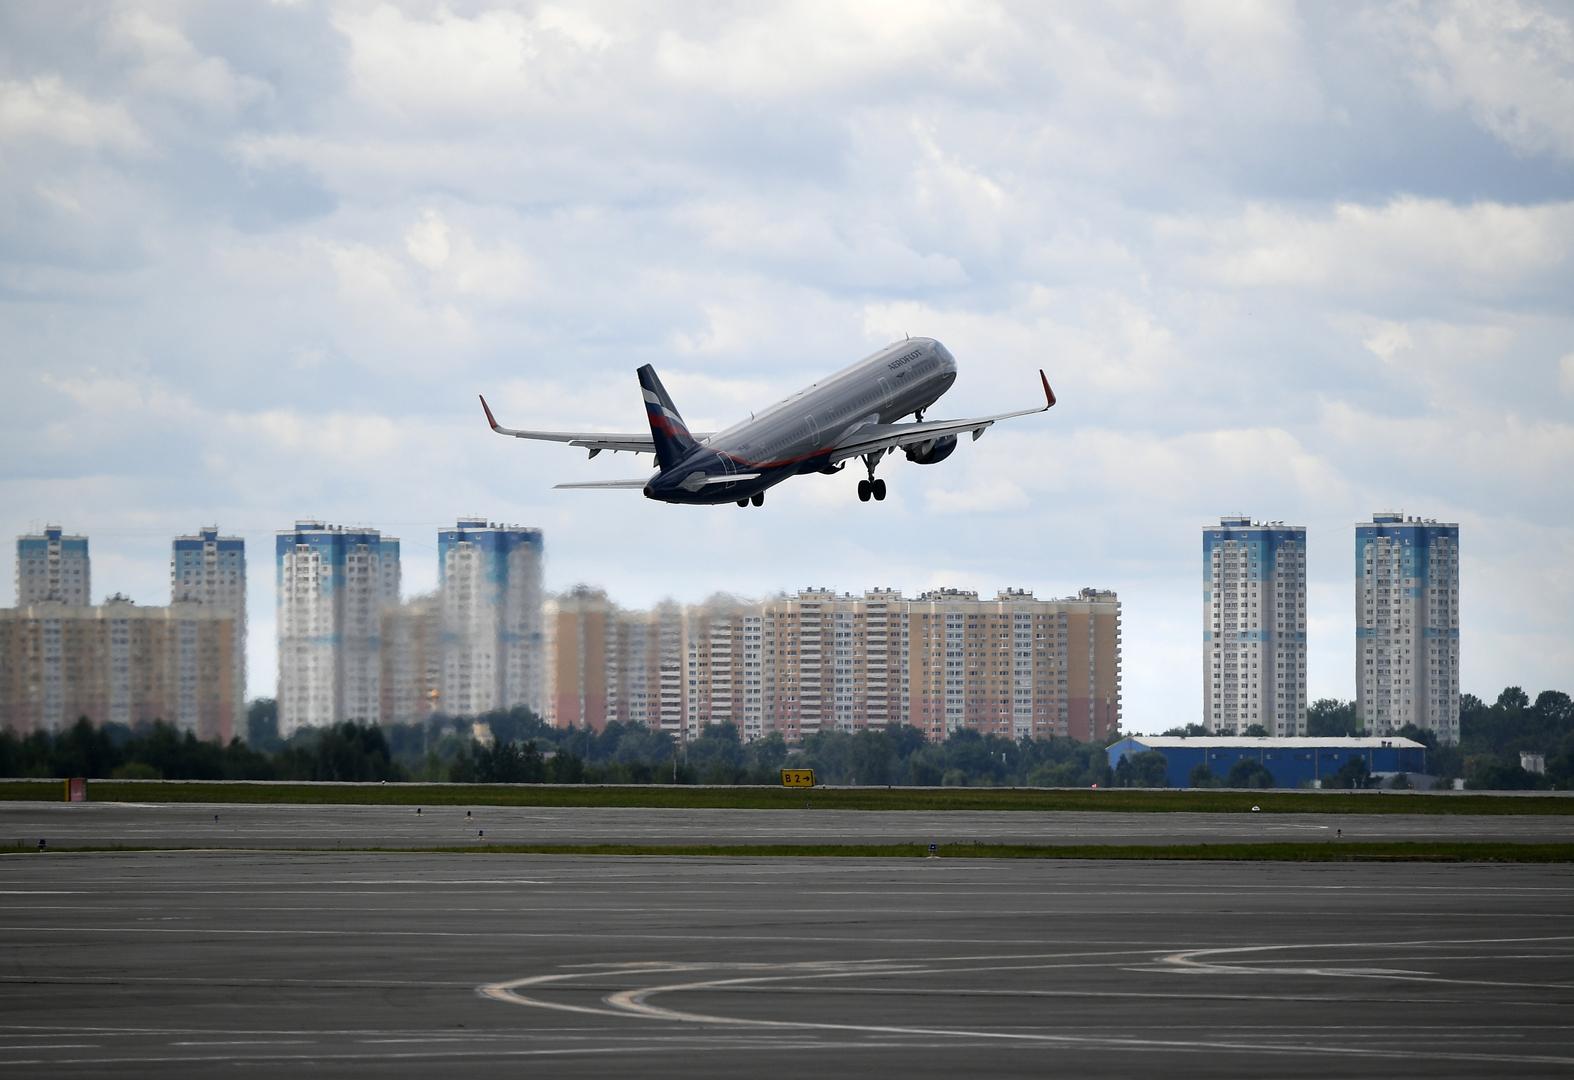 روسيا تستأنف الرحلات الجوية مع الغردقة وشرم الشيخ اعتبارا من 9 أغسطس